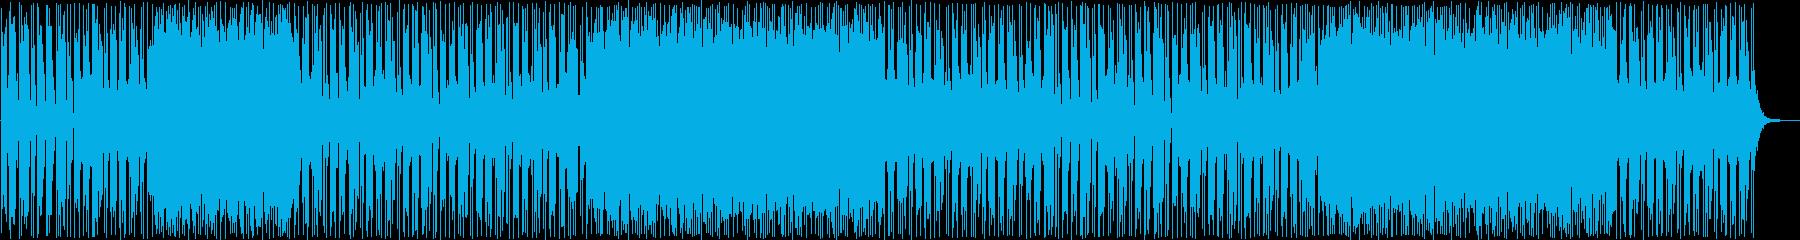 はじけるギターポップサウンドの再生済みの波形